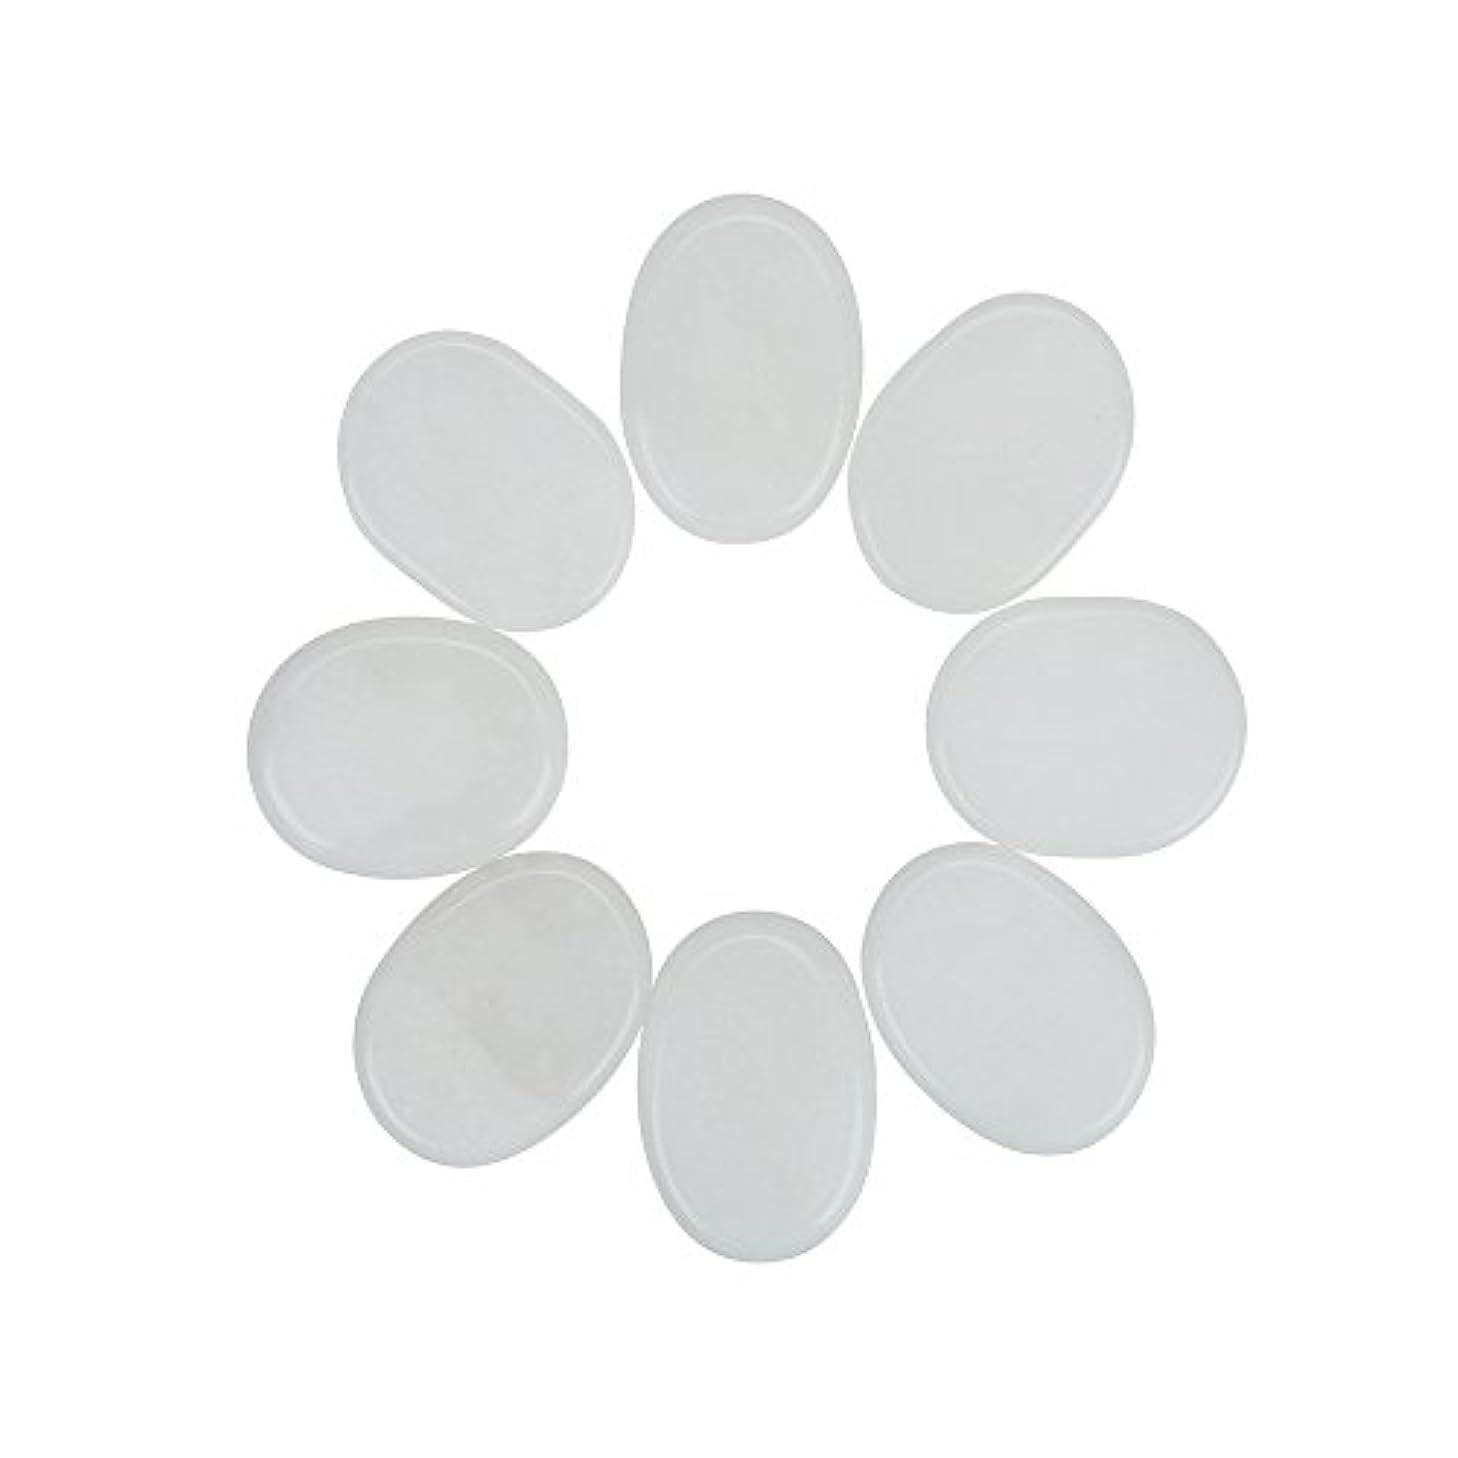 激怒震え立証するWindfulogo 8個入りホットマッサージストーンセットナチュラルジェイドスパマッサージ用ウォームストーンホットホワイト1.18 x 1.57 in(3x4cm)